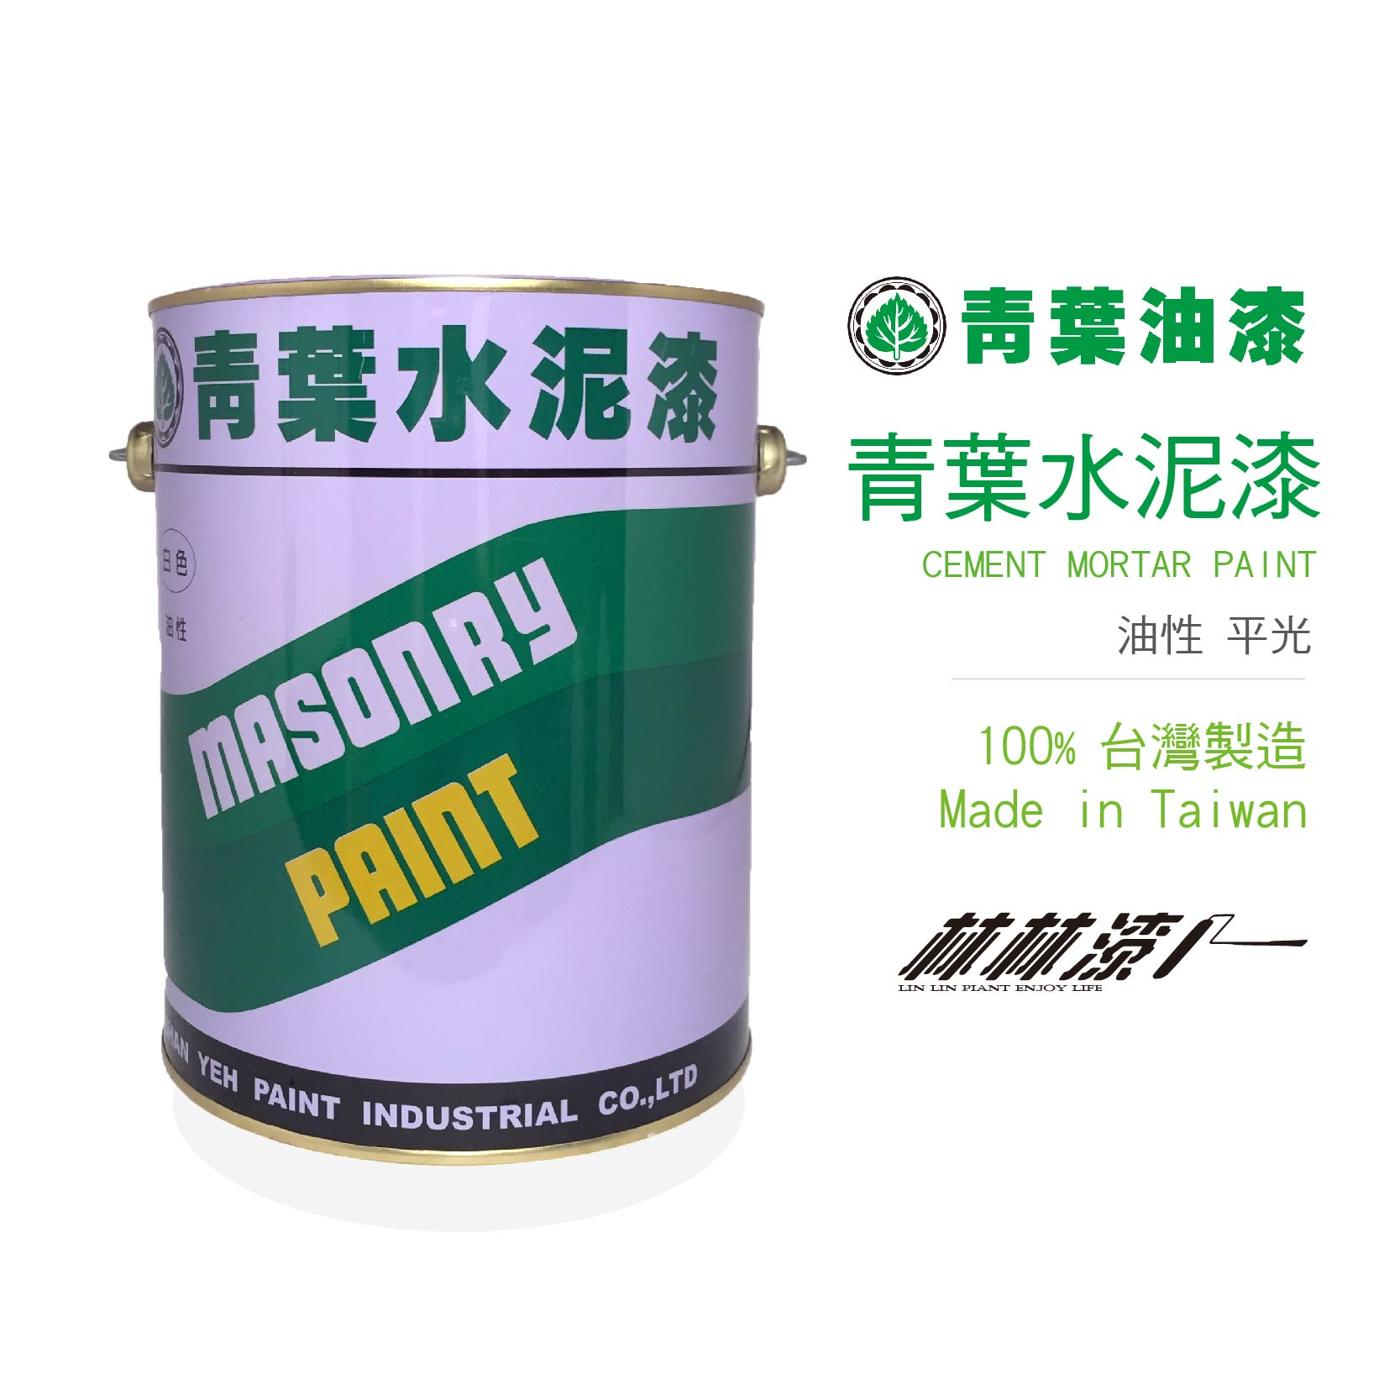 林林漆青葉有光油性水泥漆平光型1加侖